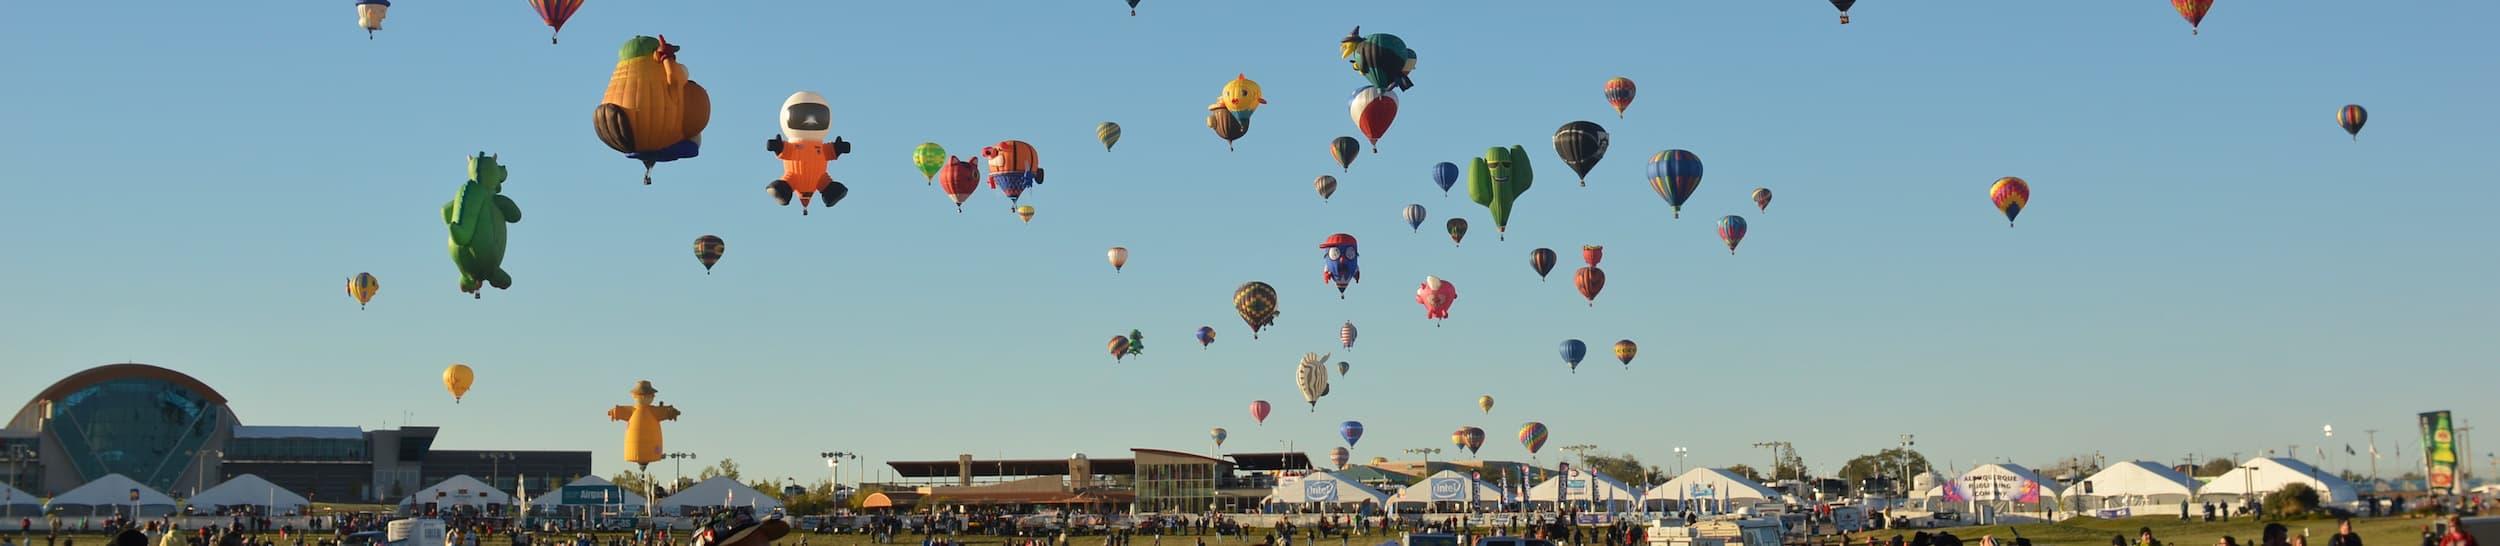 Pictured: skyline of Albuquerque